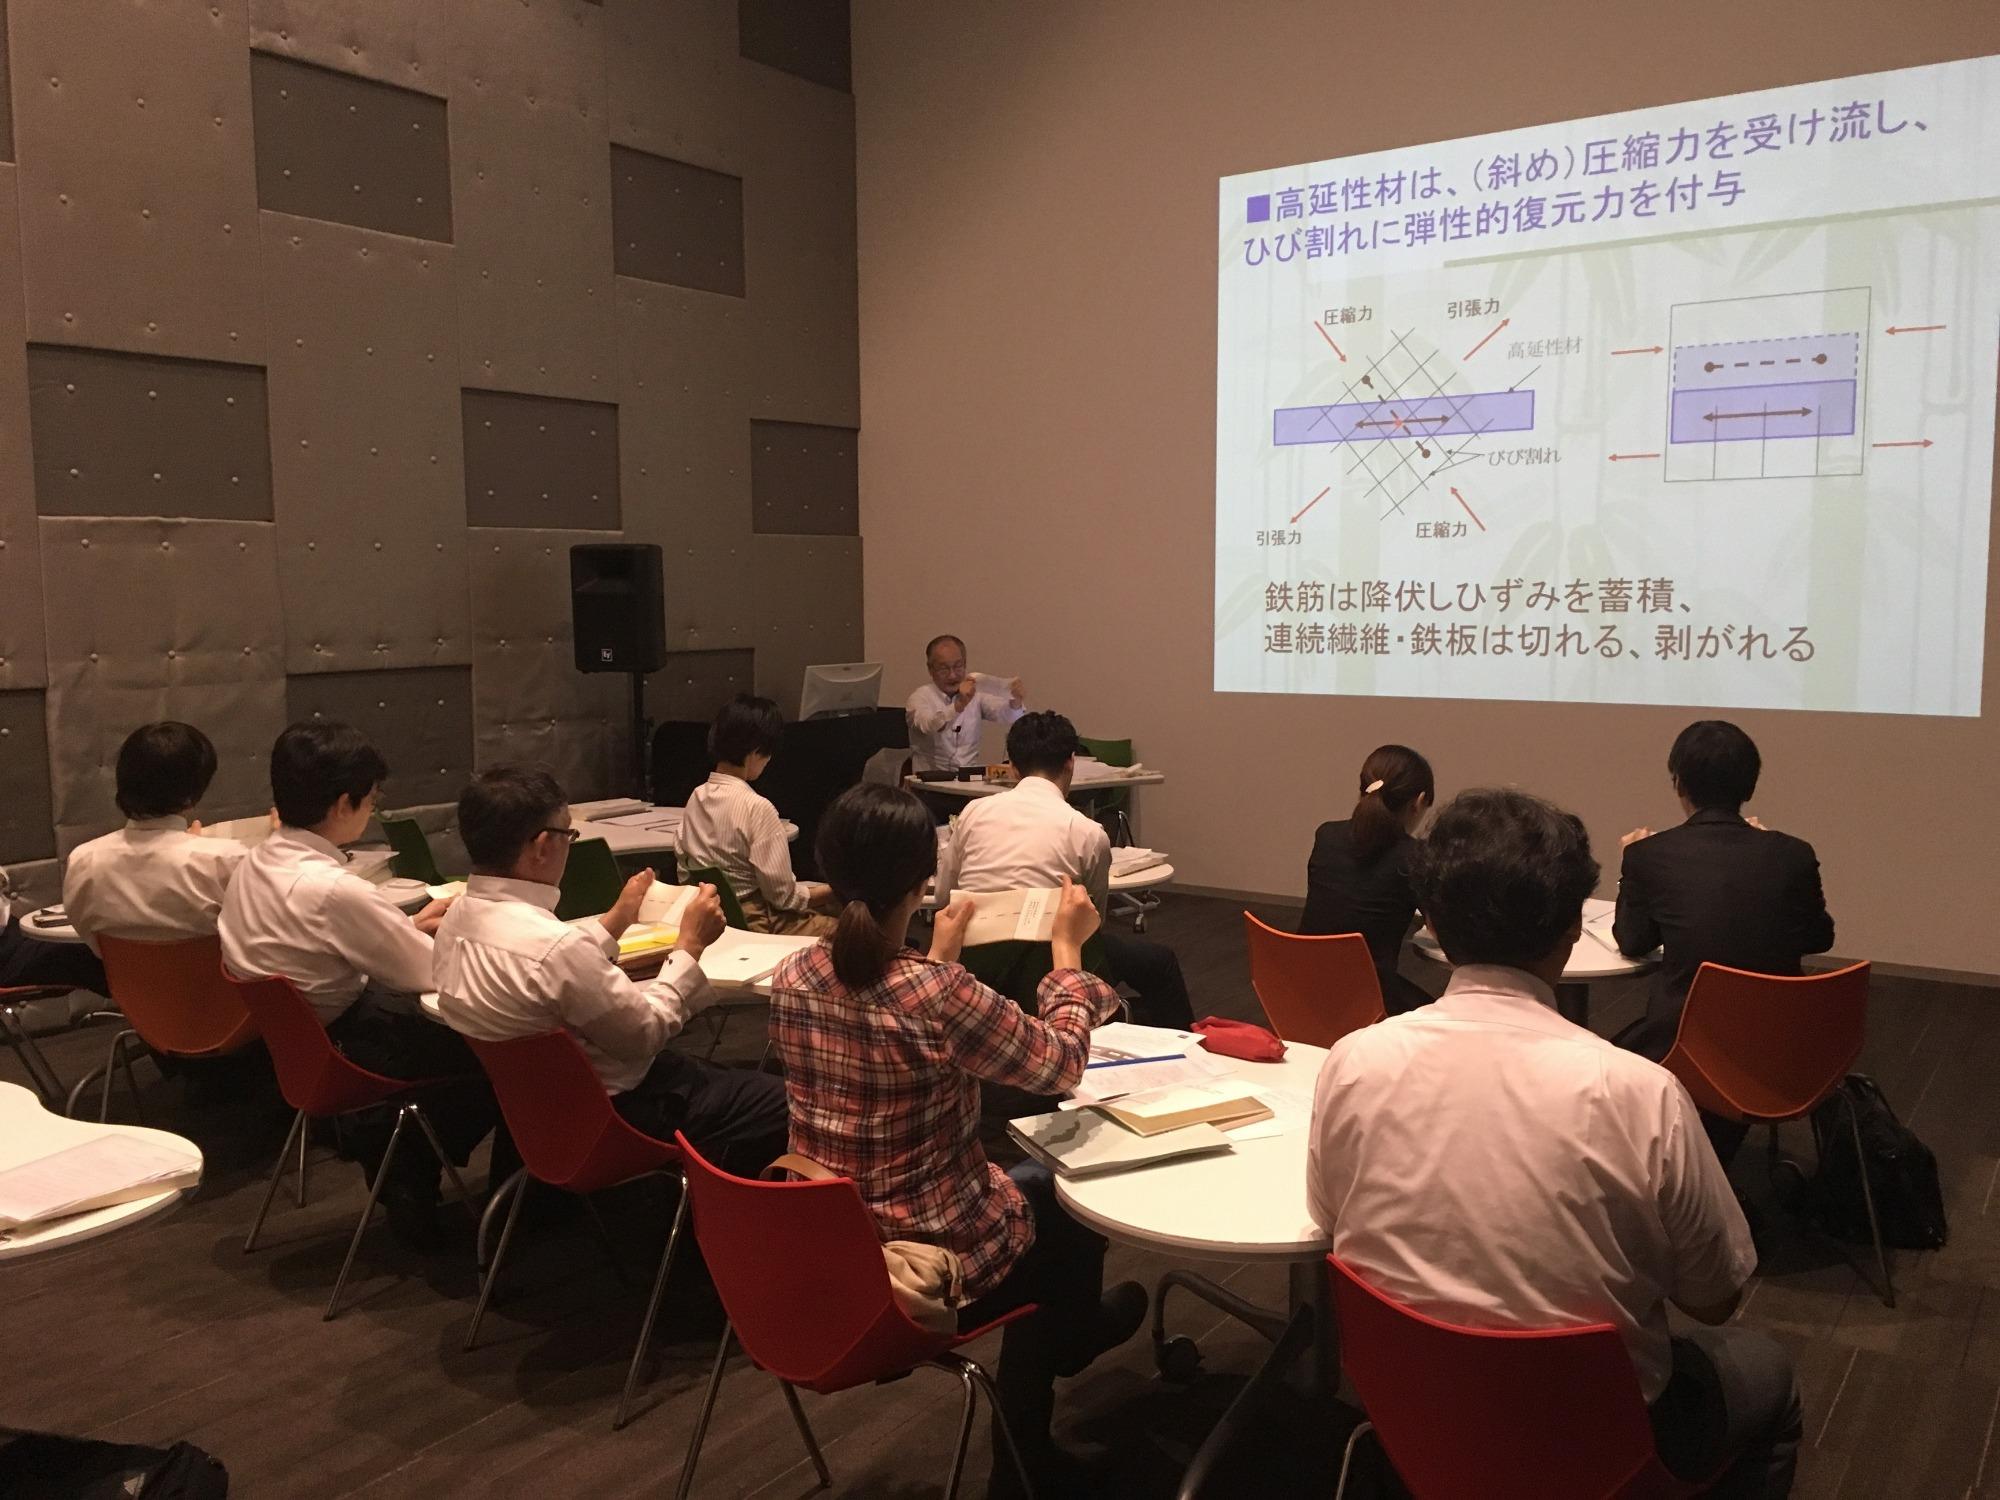 新しい地震対策を考えるセミナー <耐震、免震・制震から収震(SRF)へ>